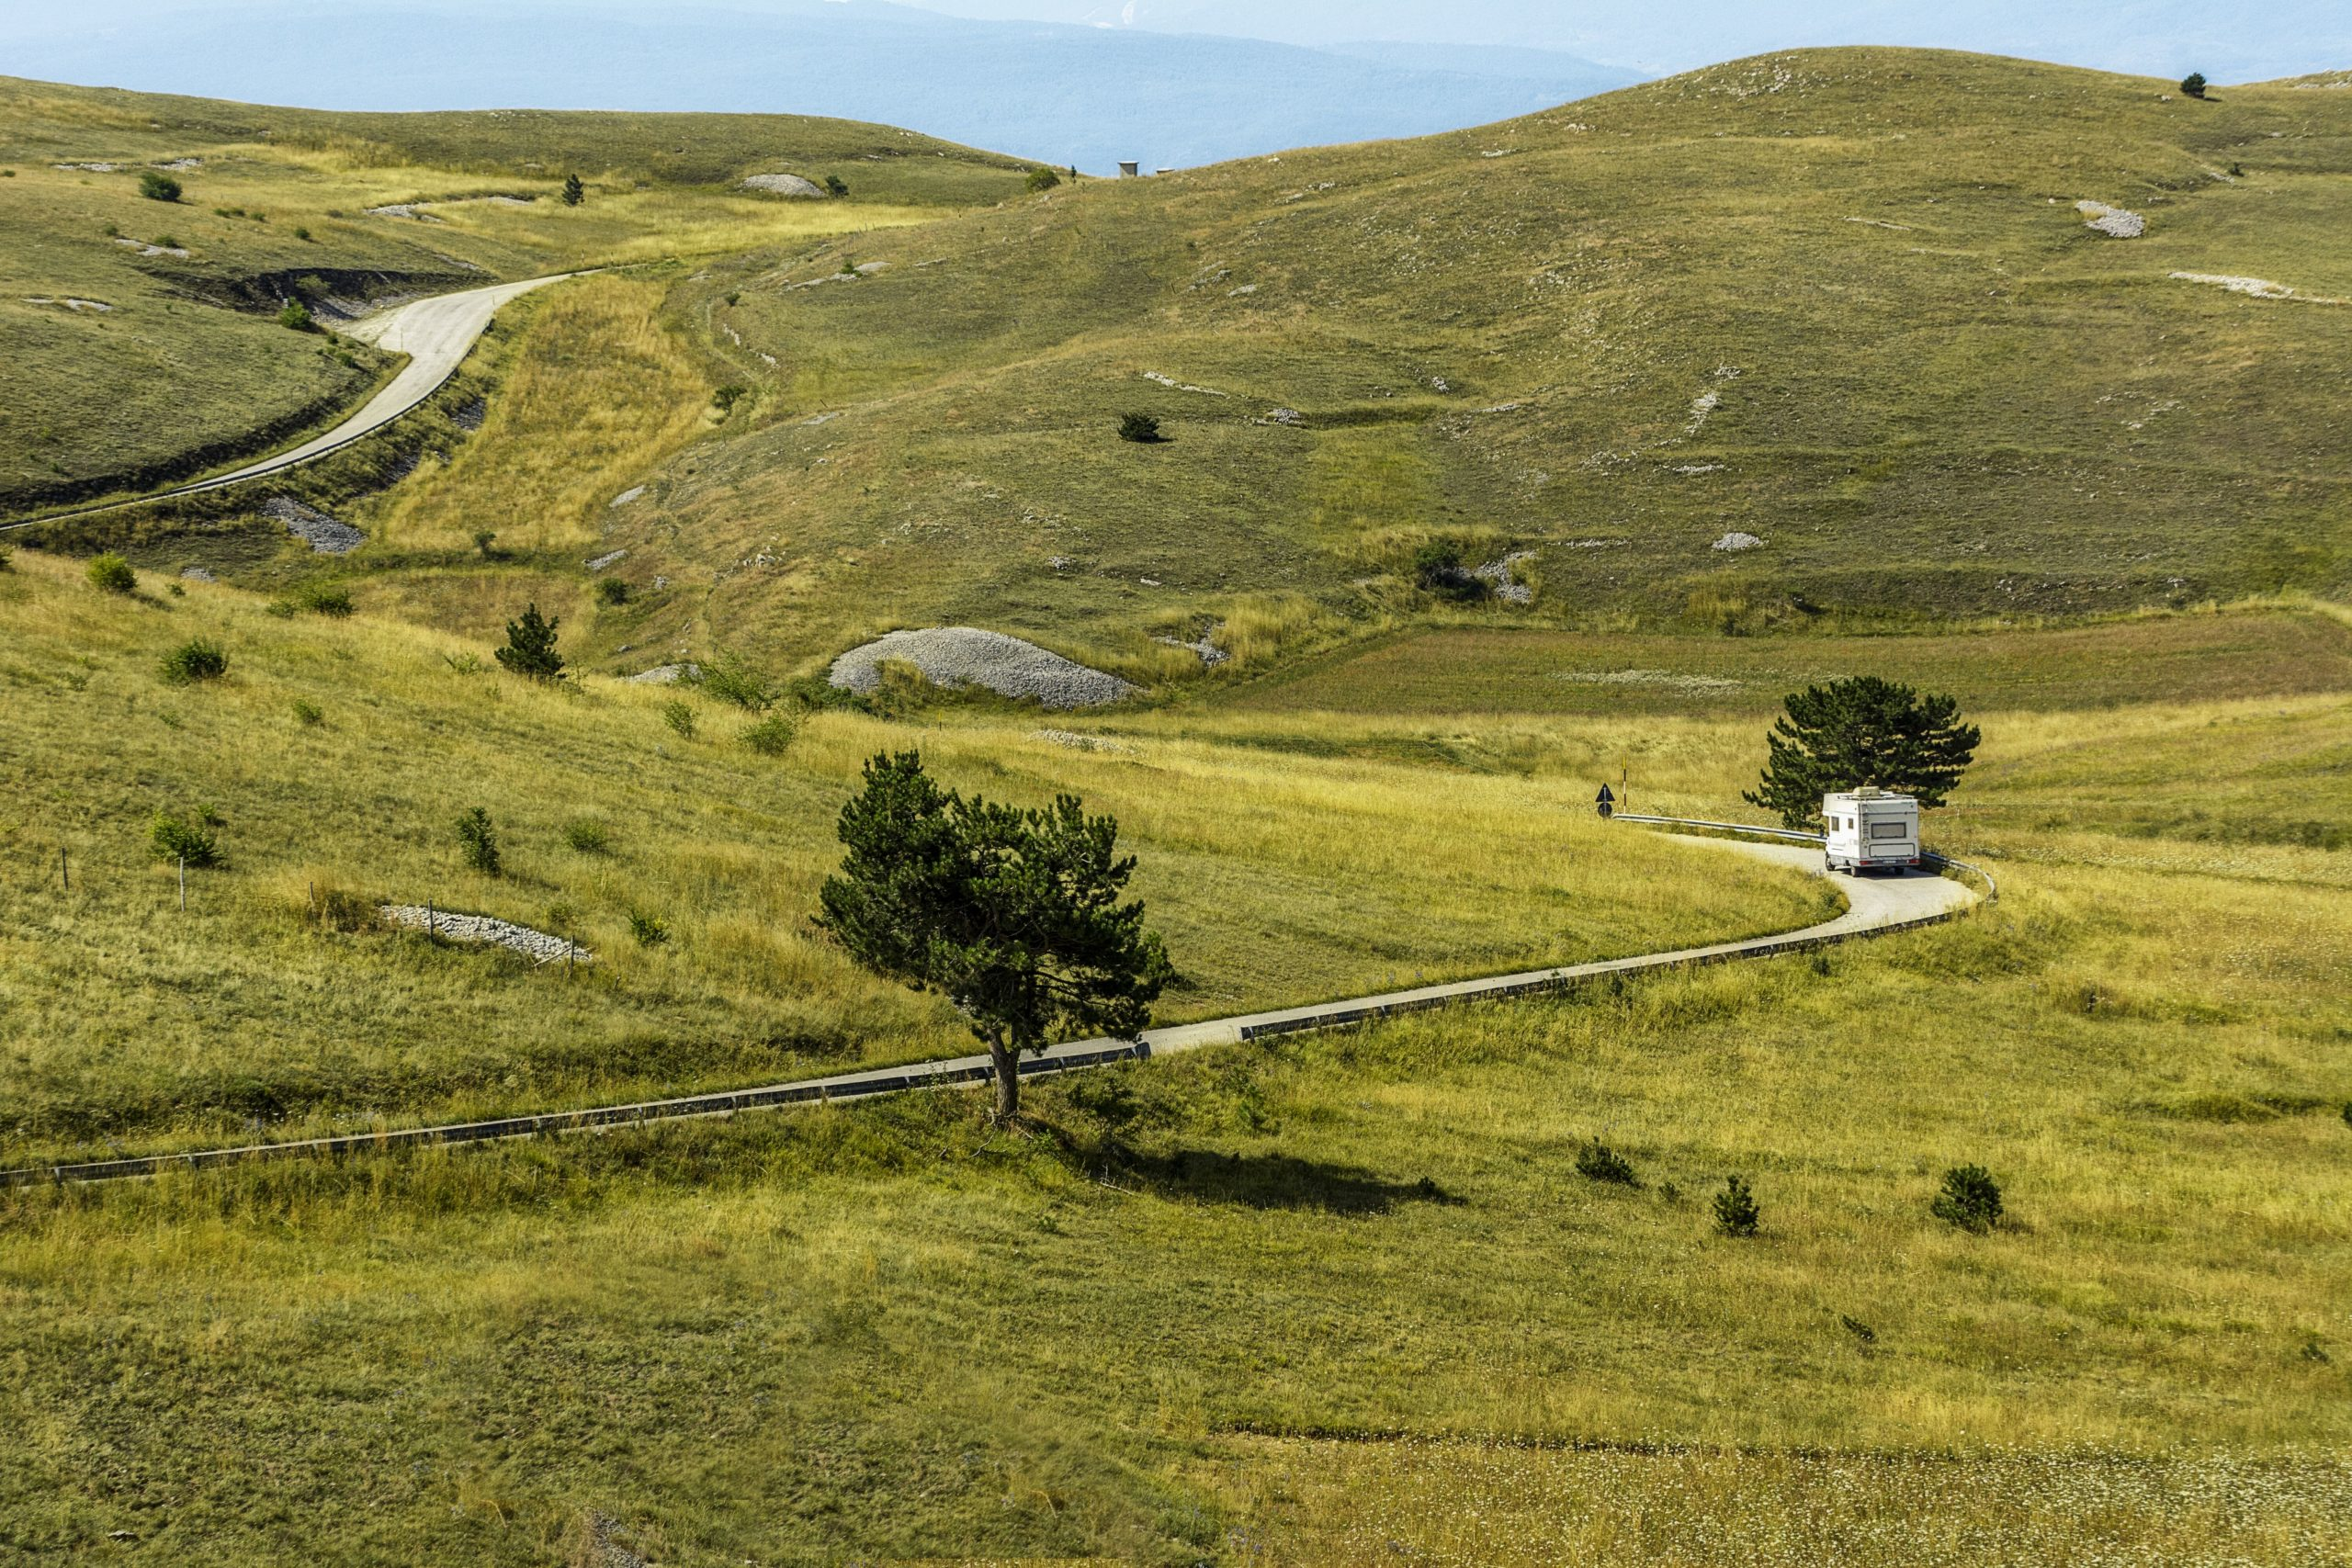 turismo rurale e sostenibile